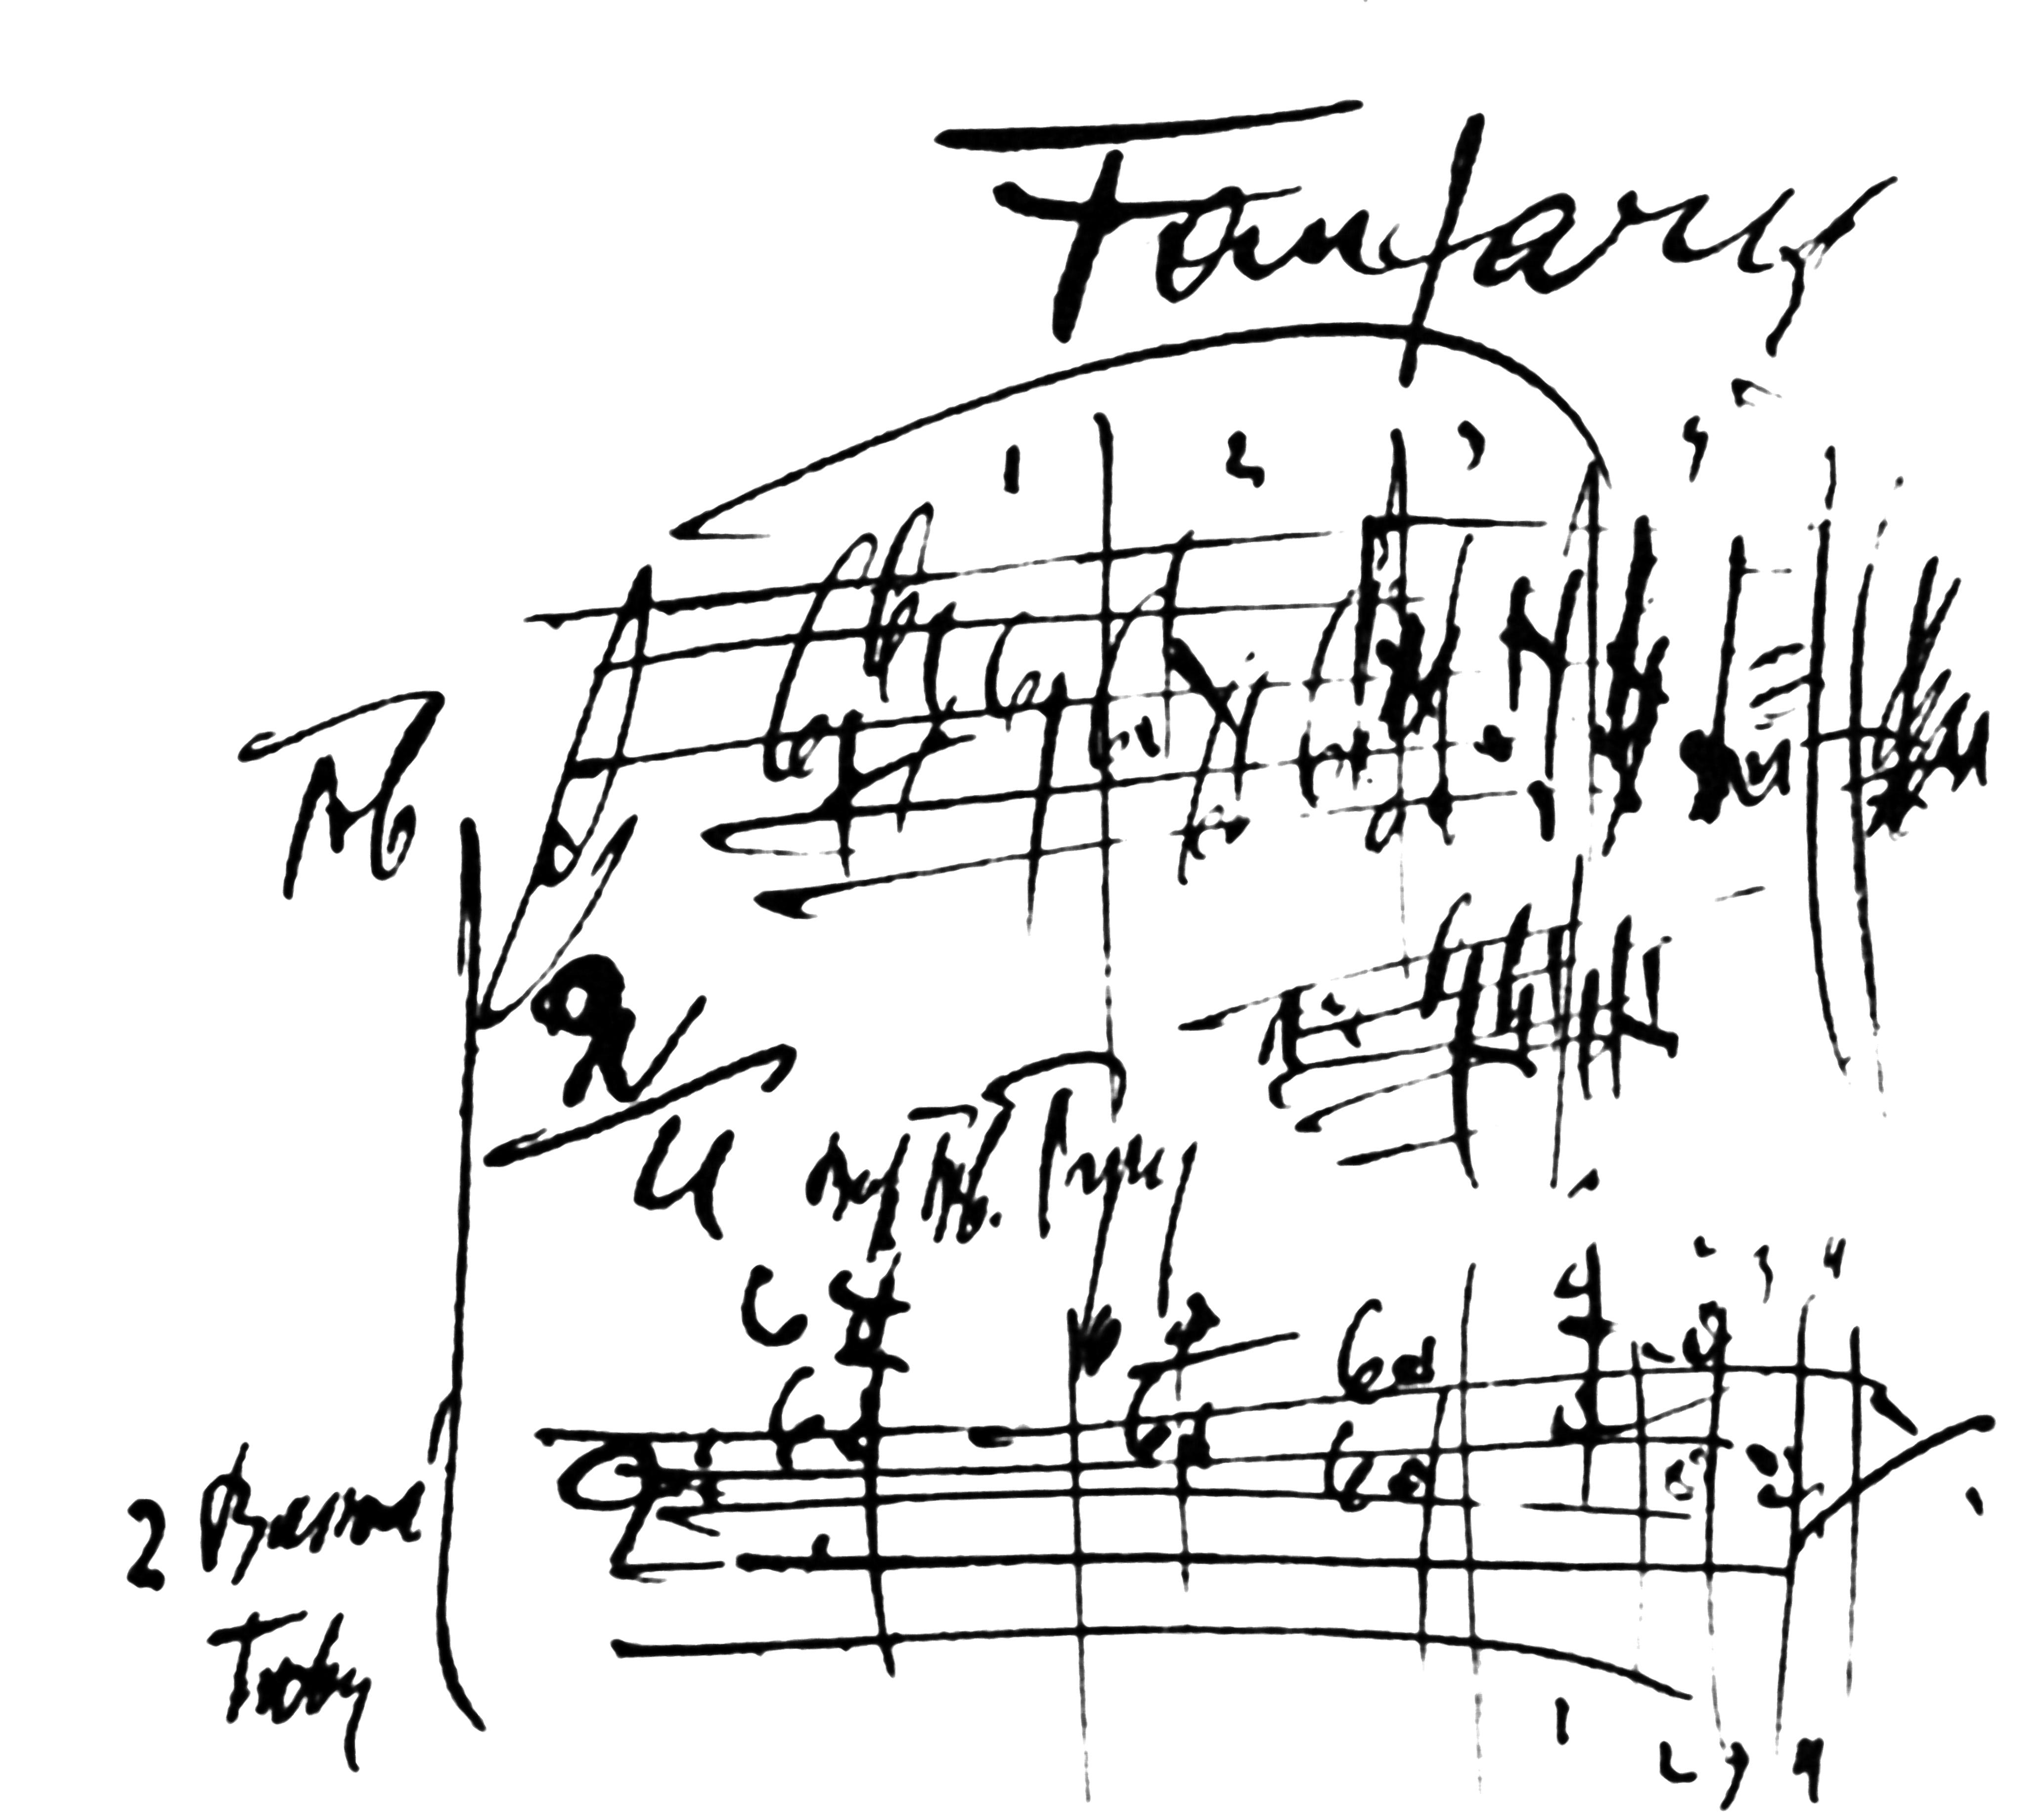 Partitura autografa della Fanfara dalla Sinfonietta di Janáček